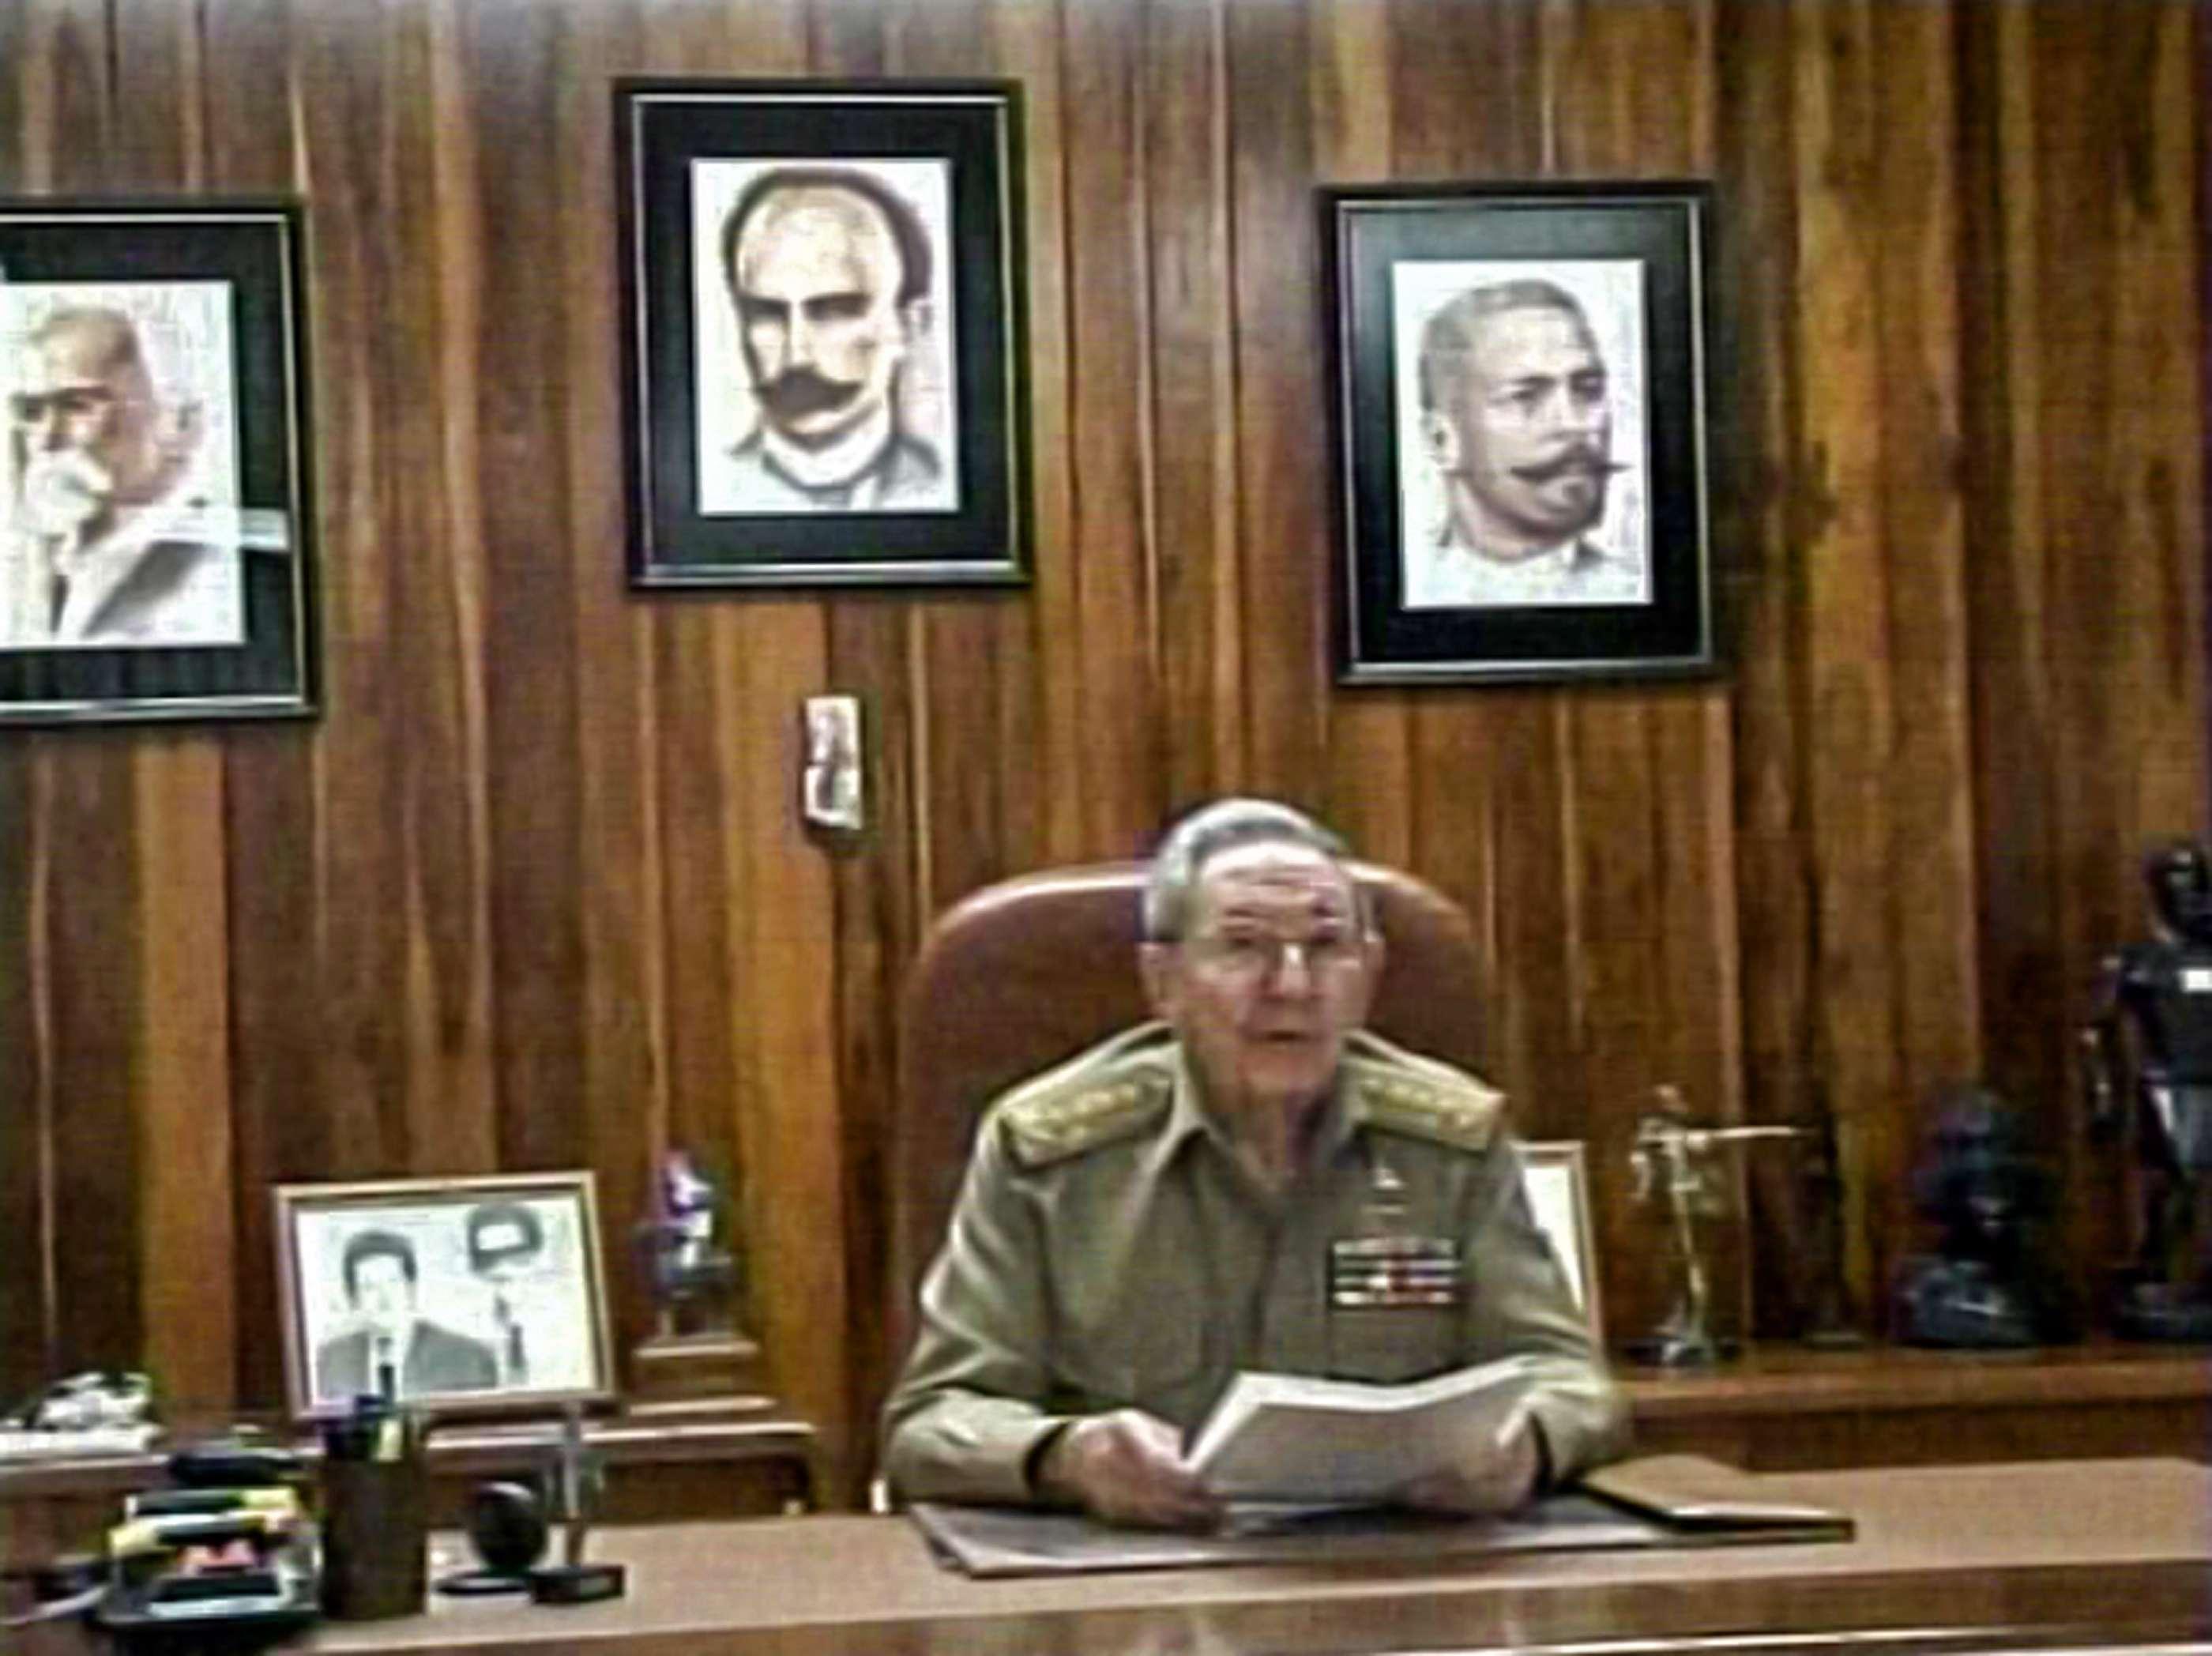 TV cubana mostra o presidente Raúl Castro fazendo um discurso à nação, em 17 de dezembro, em Havana. Castro disse que Cuba tinha concordado em restabelecer relações diplomáticas com os Estados Unidos Foto: CUBANTV/AFP